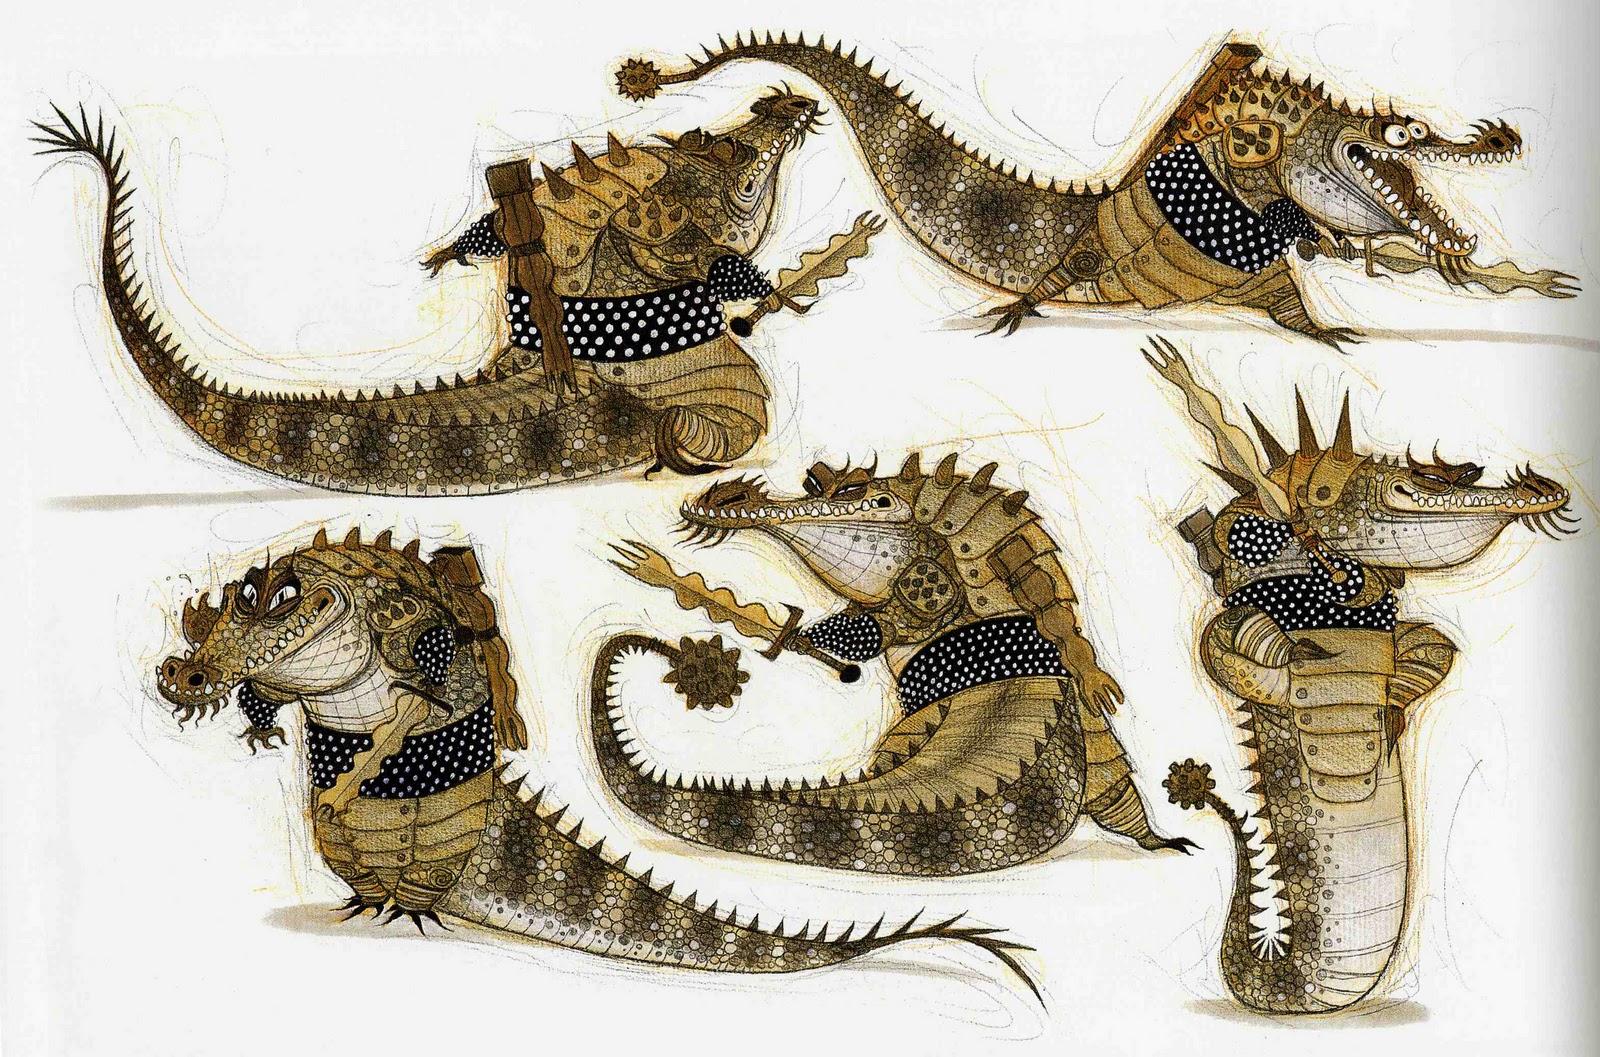 http://1.bp.blogspot.com/_oR7sYJzWZ1k/TNN8FebOCiI/AAAAAAAAAbQ/1fFgDudfcCA/s1600/HHTYD+crocs.jpg